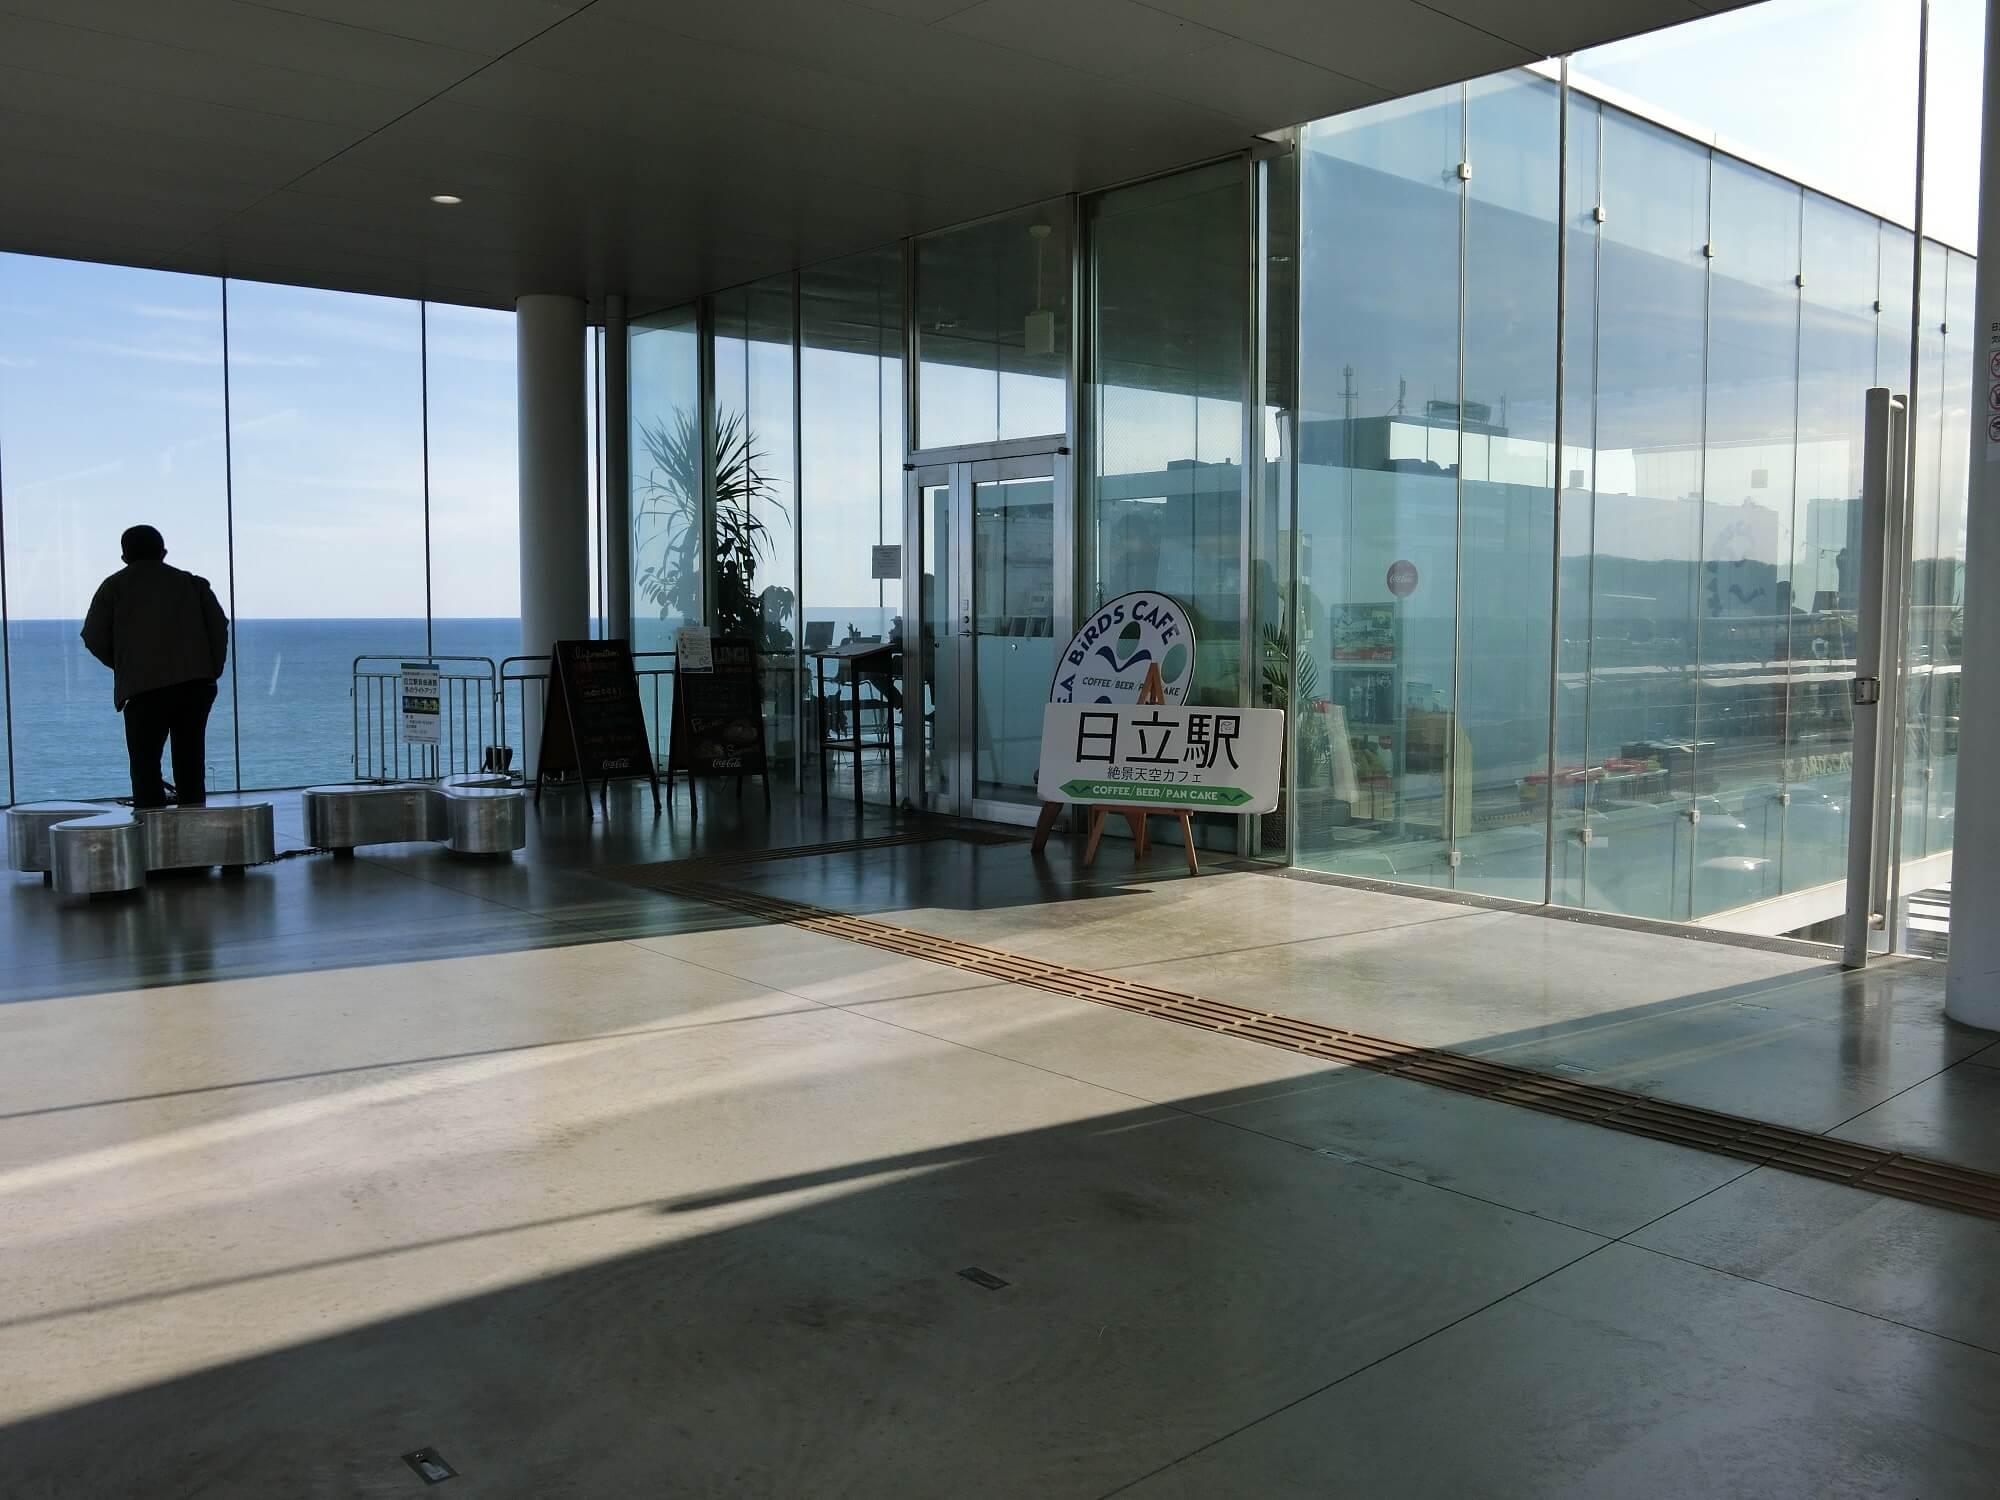 【日立市カフェ】シーバーズカフェ(sea birds cafe) 外観4